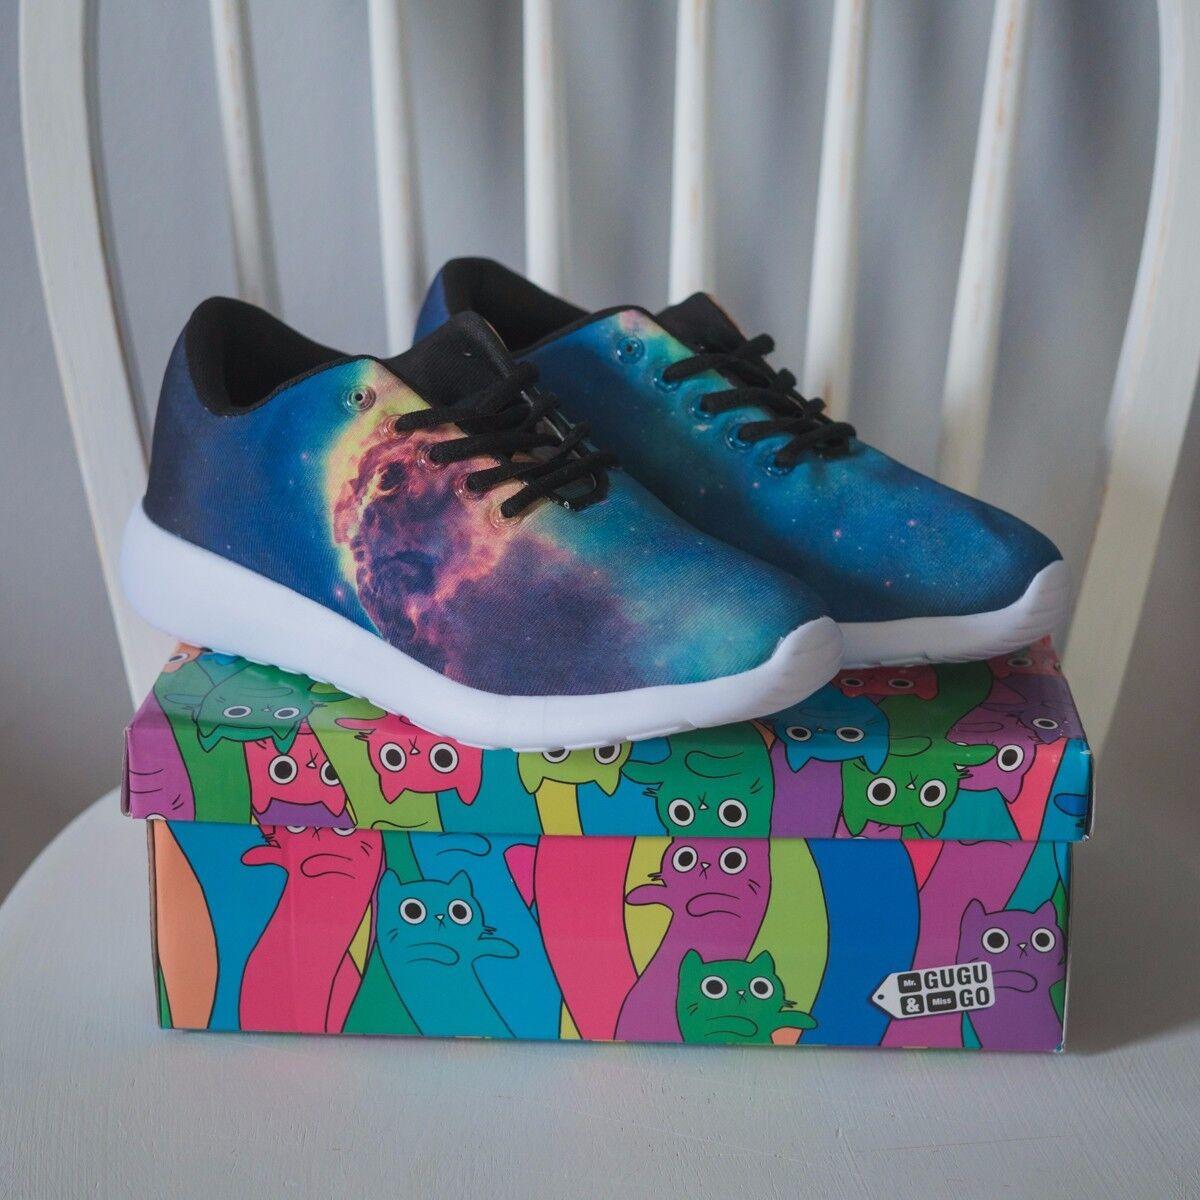 Mr Gugu universe & Miss Go galaxy universe Gugu nebula blue green woman sneakers 38 us 7 new 5c17b2